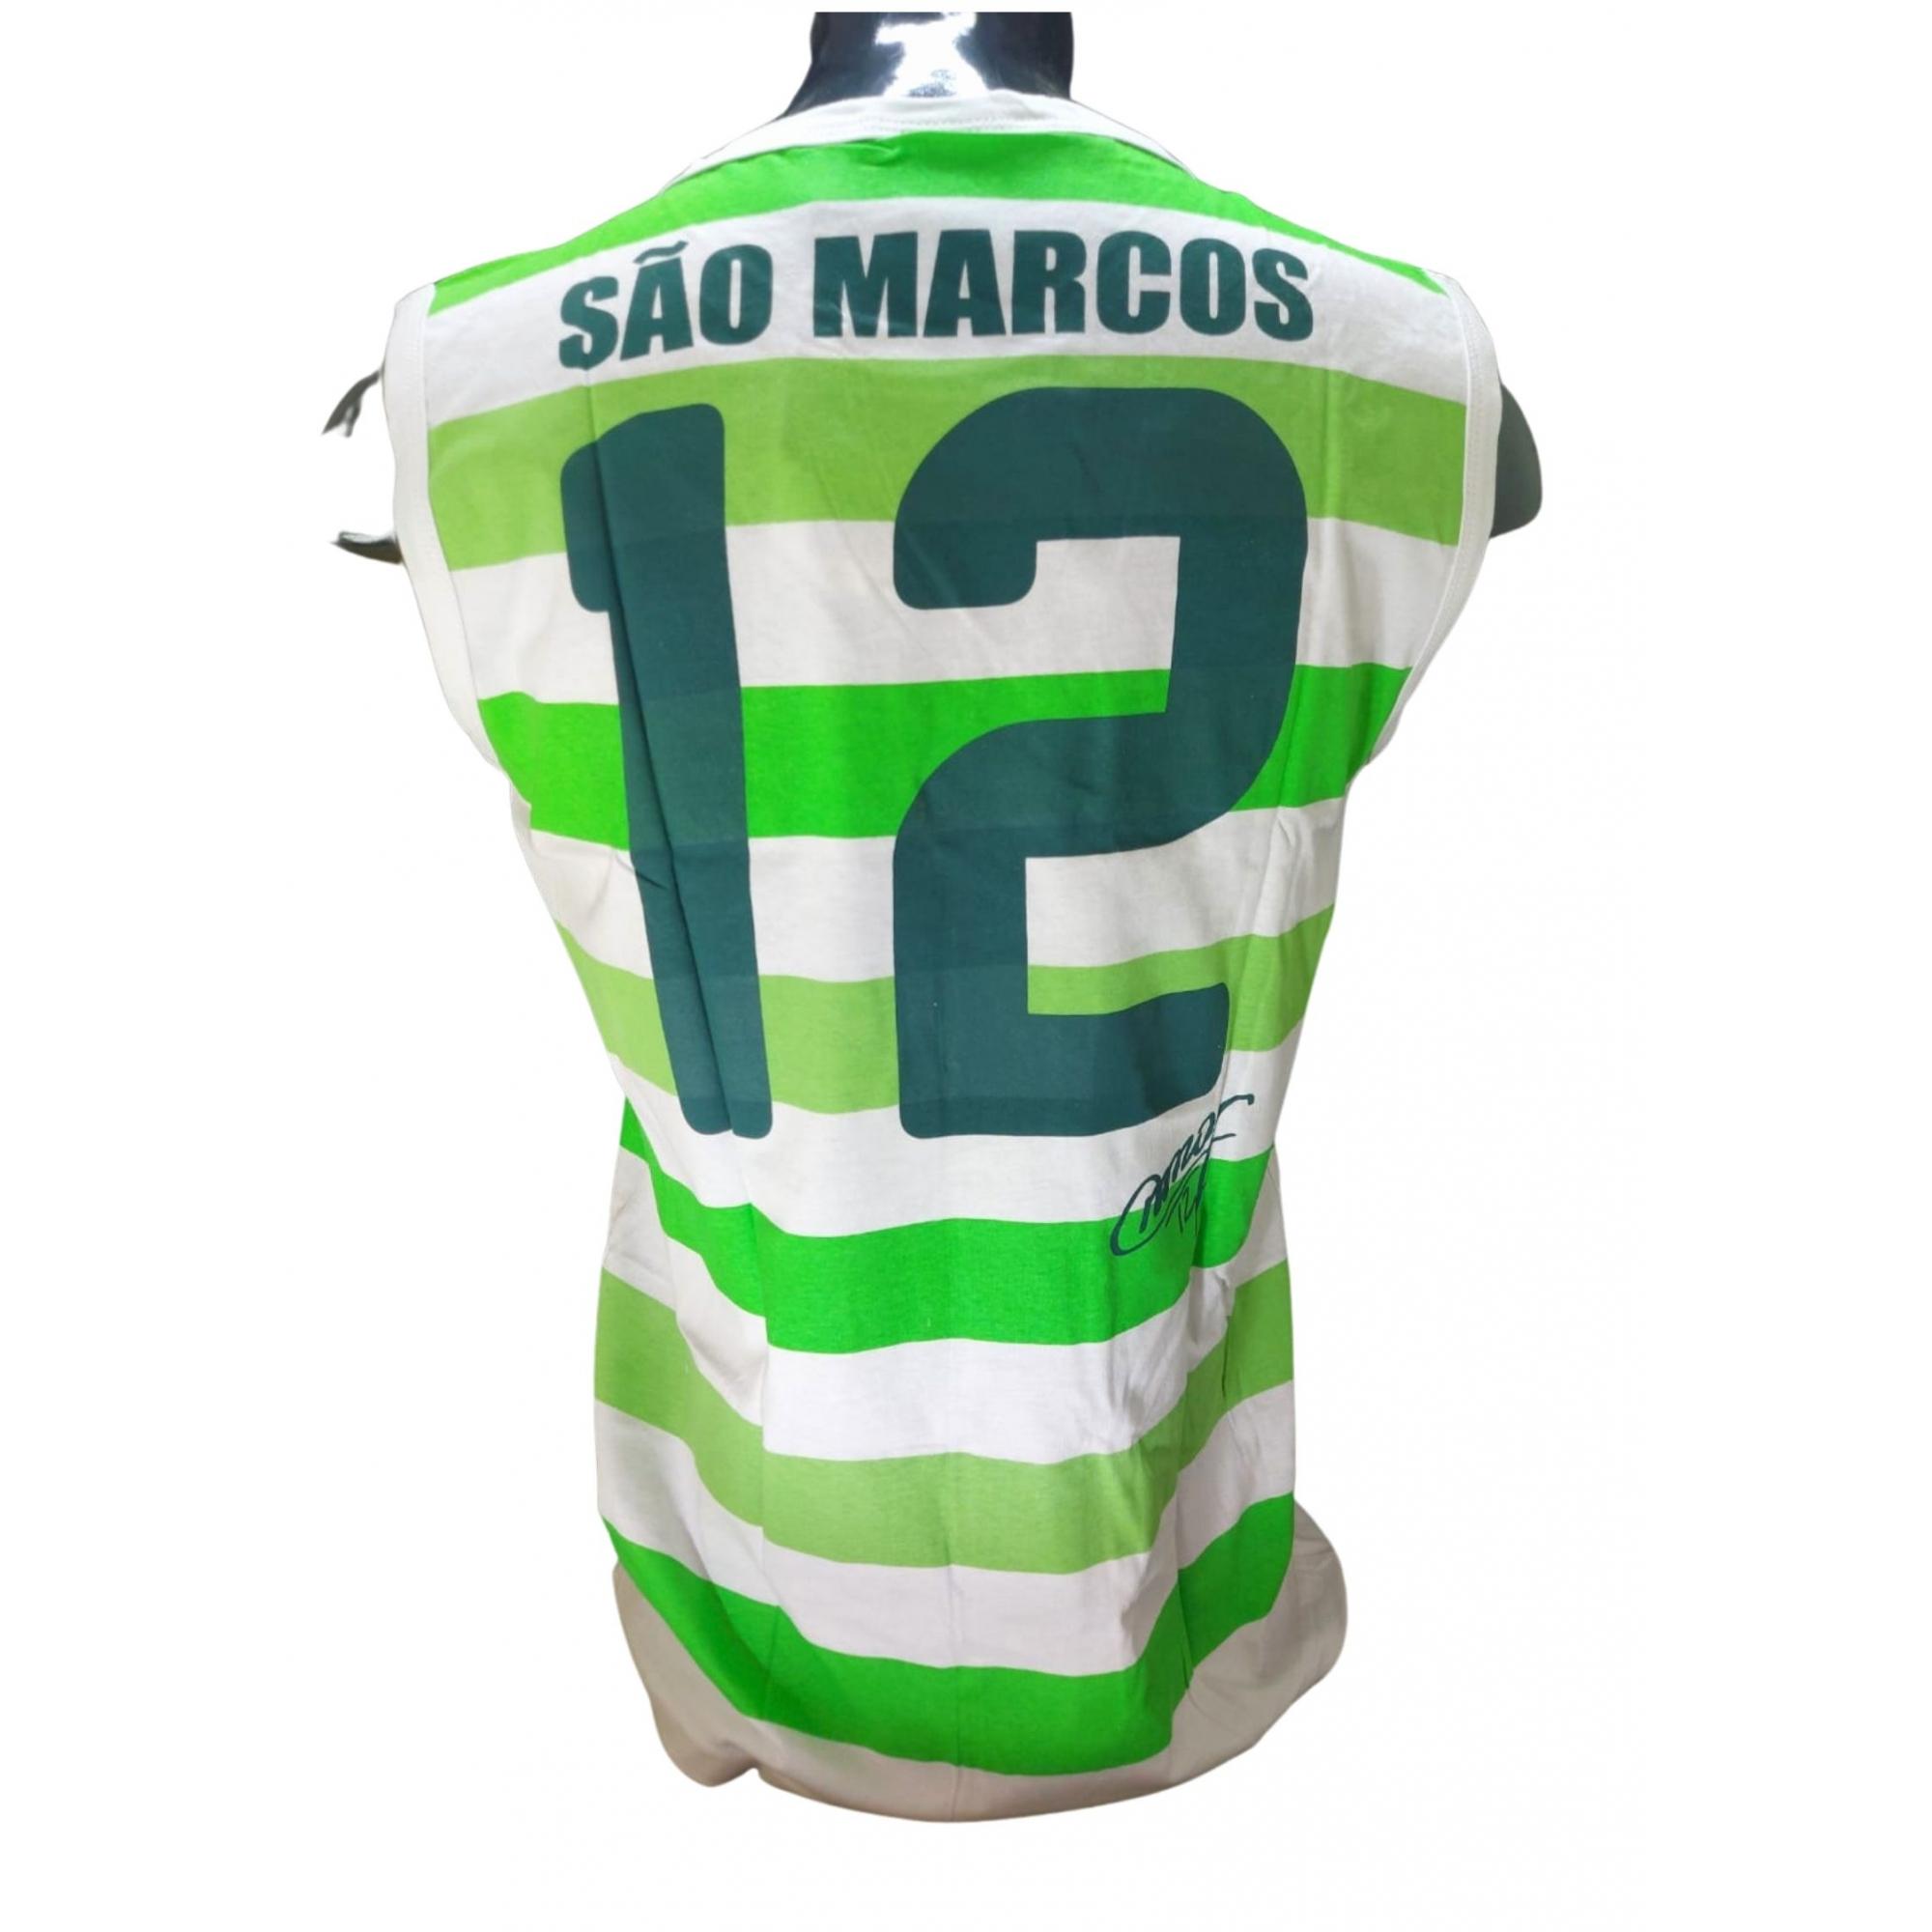 Regata Palmeiras Machão São Marcos